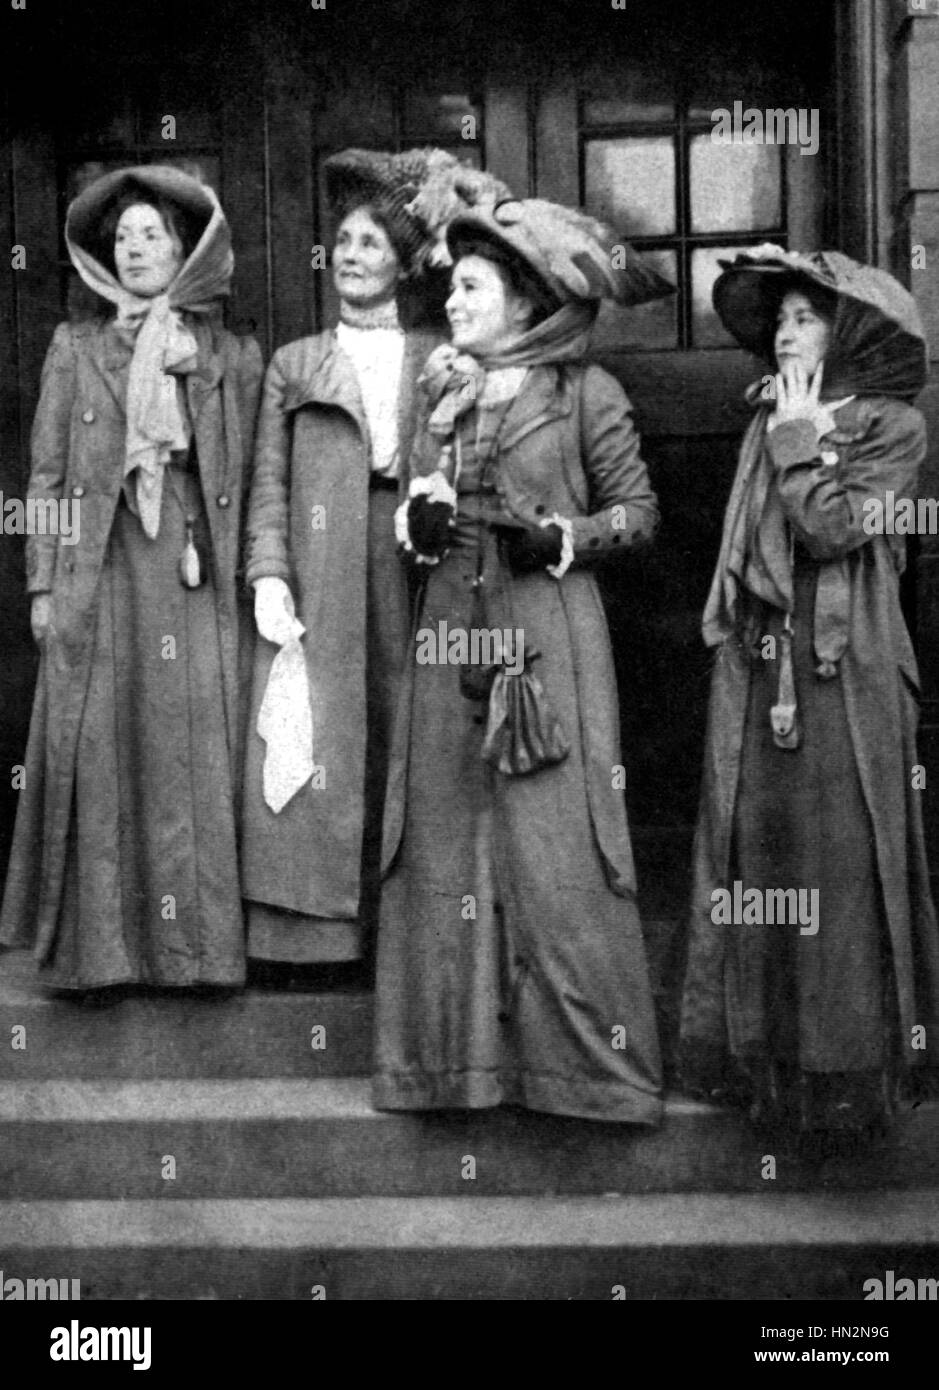 Los principales líderes de las sufragettes. De izquierda a derecha: Christabel Pankhurst, Señora Pankhurst Pethick Lawrence, Adela Pankhurst. Principios del siglo XX Foto de stock